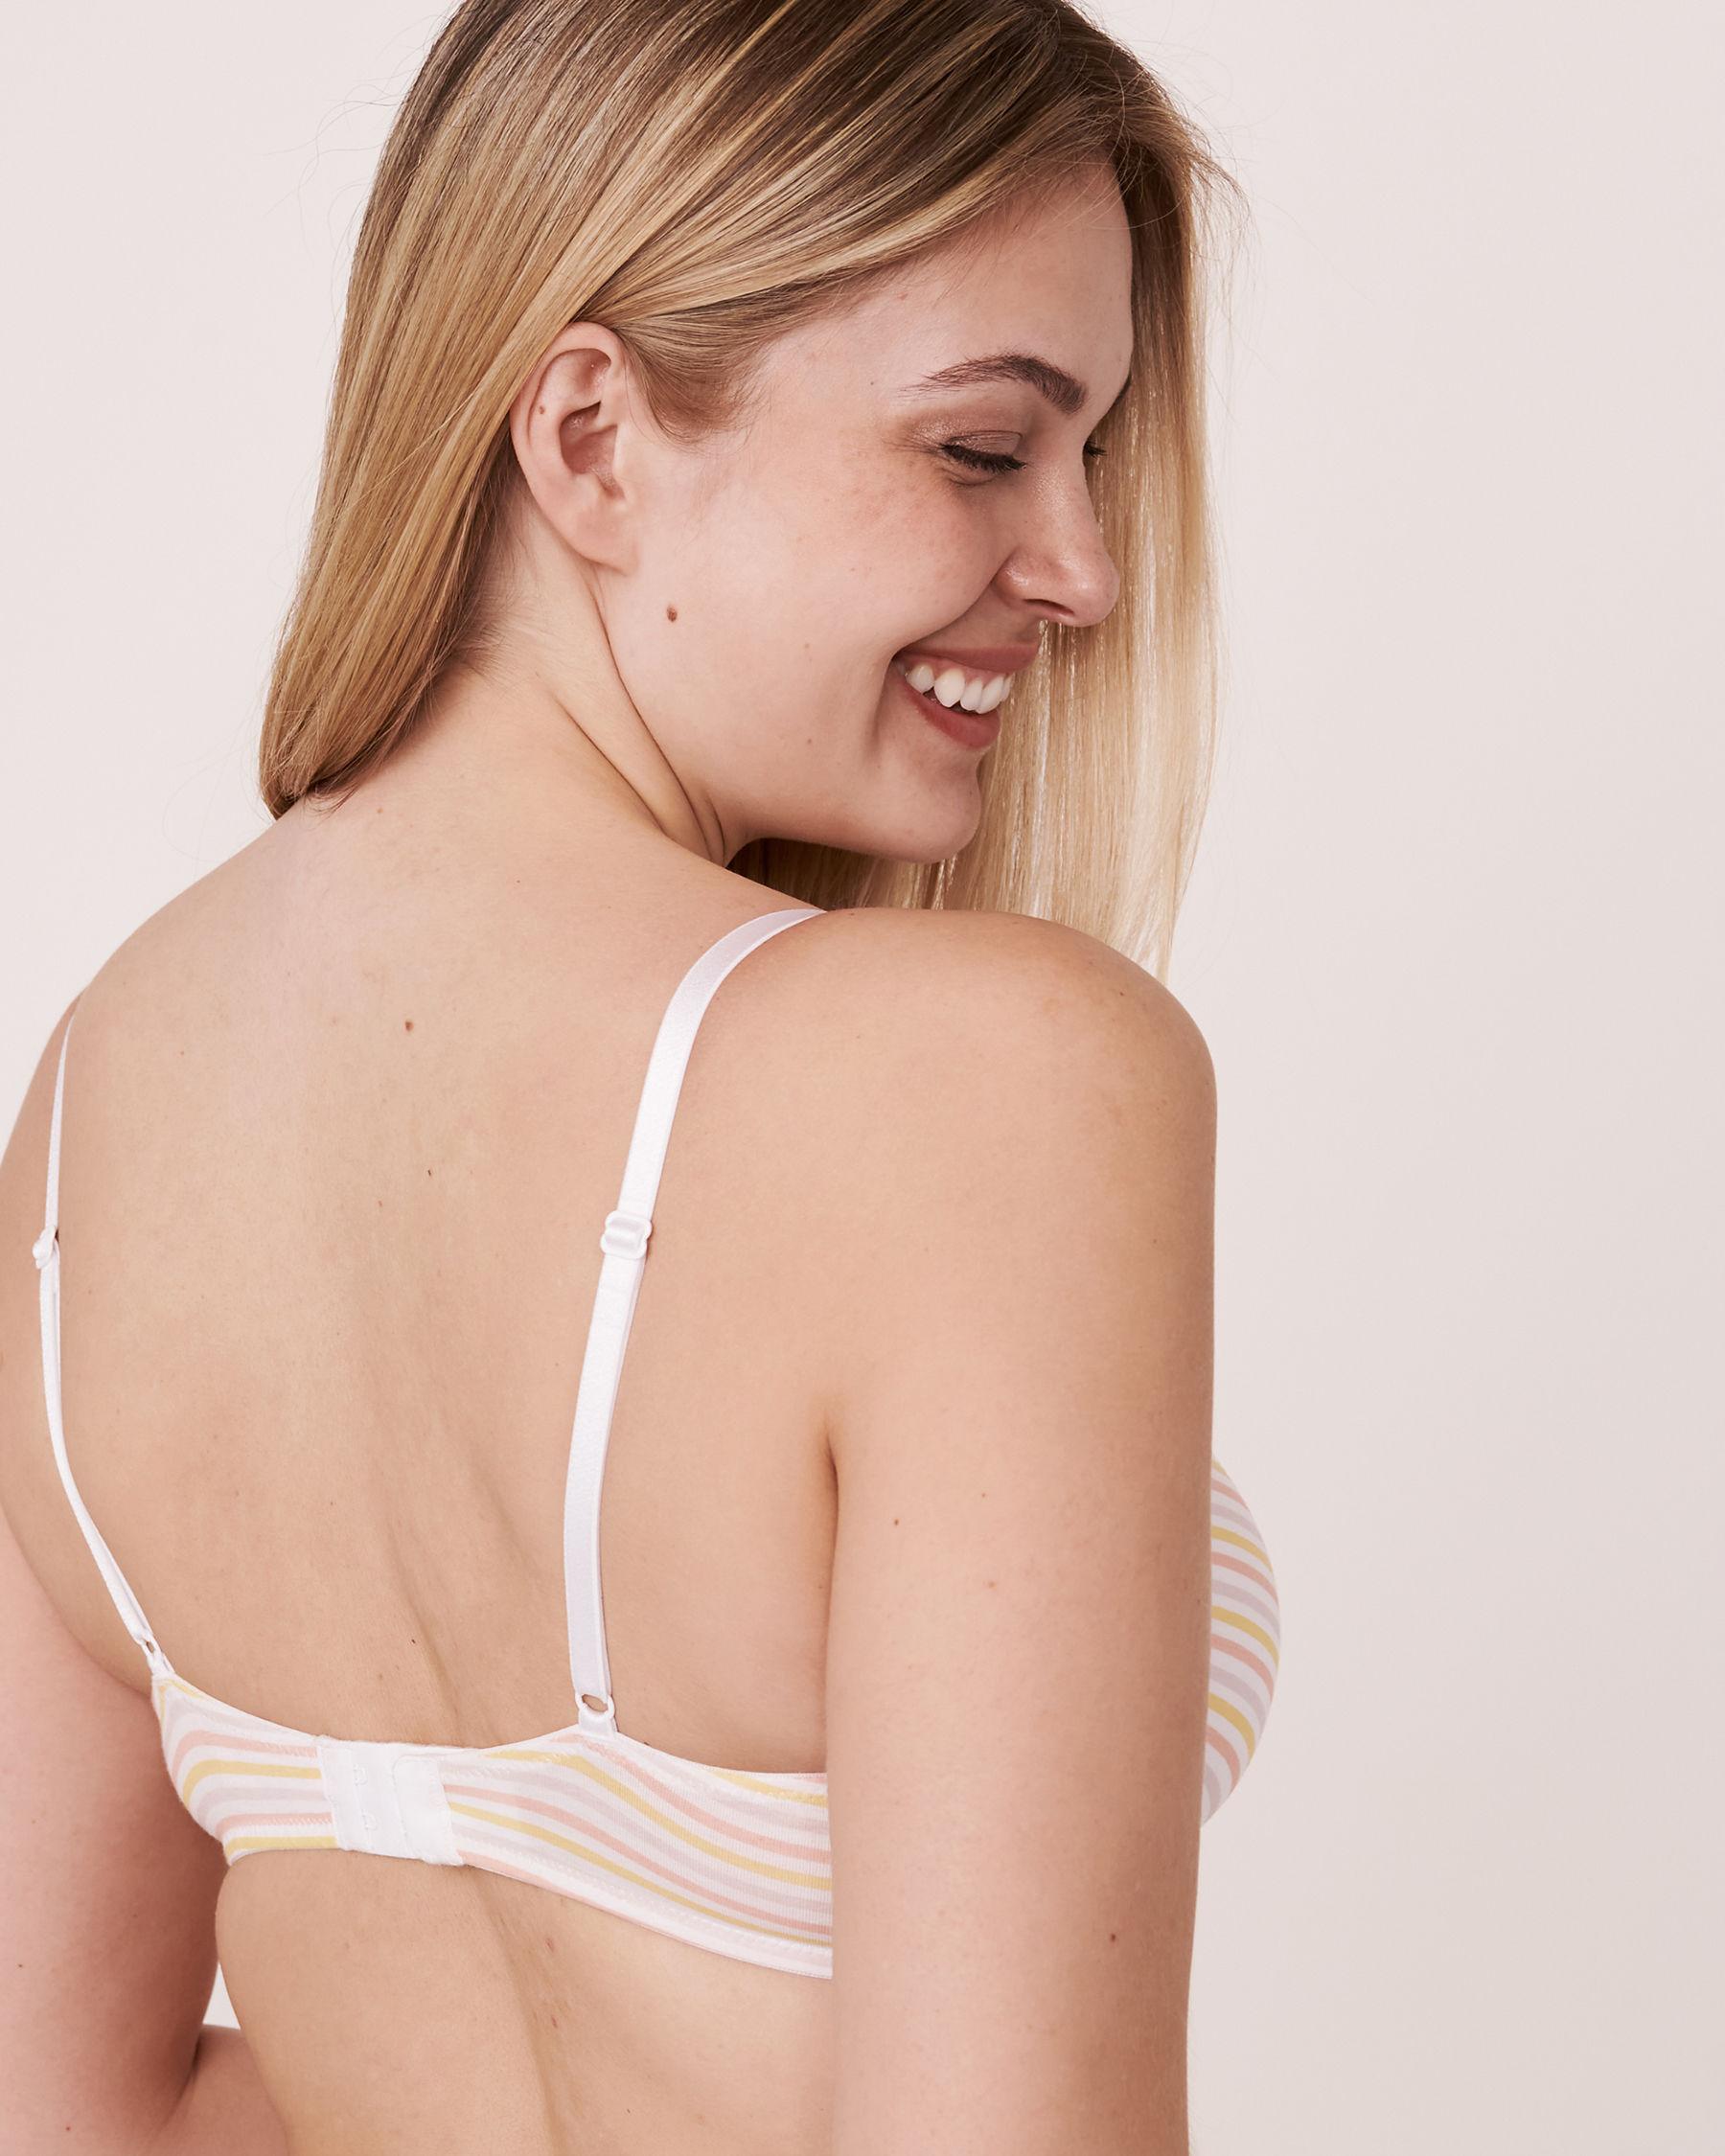 LA VIE EN ROSE Lightly Lined Demi Cotton Bra Multi-colour stripes 10200012 - View2